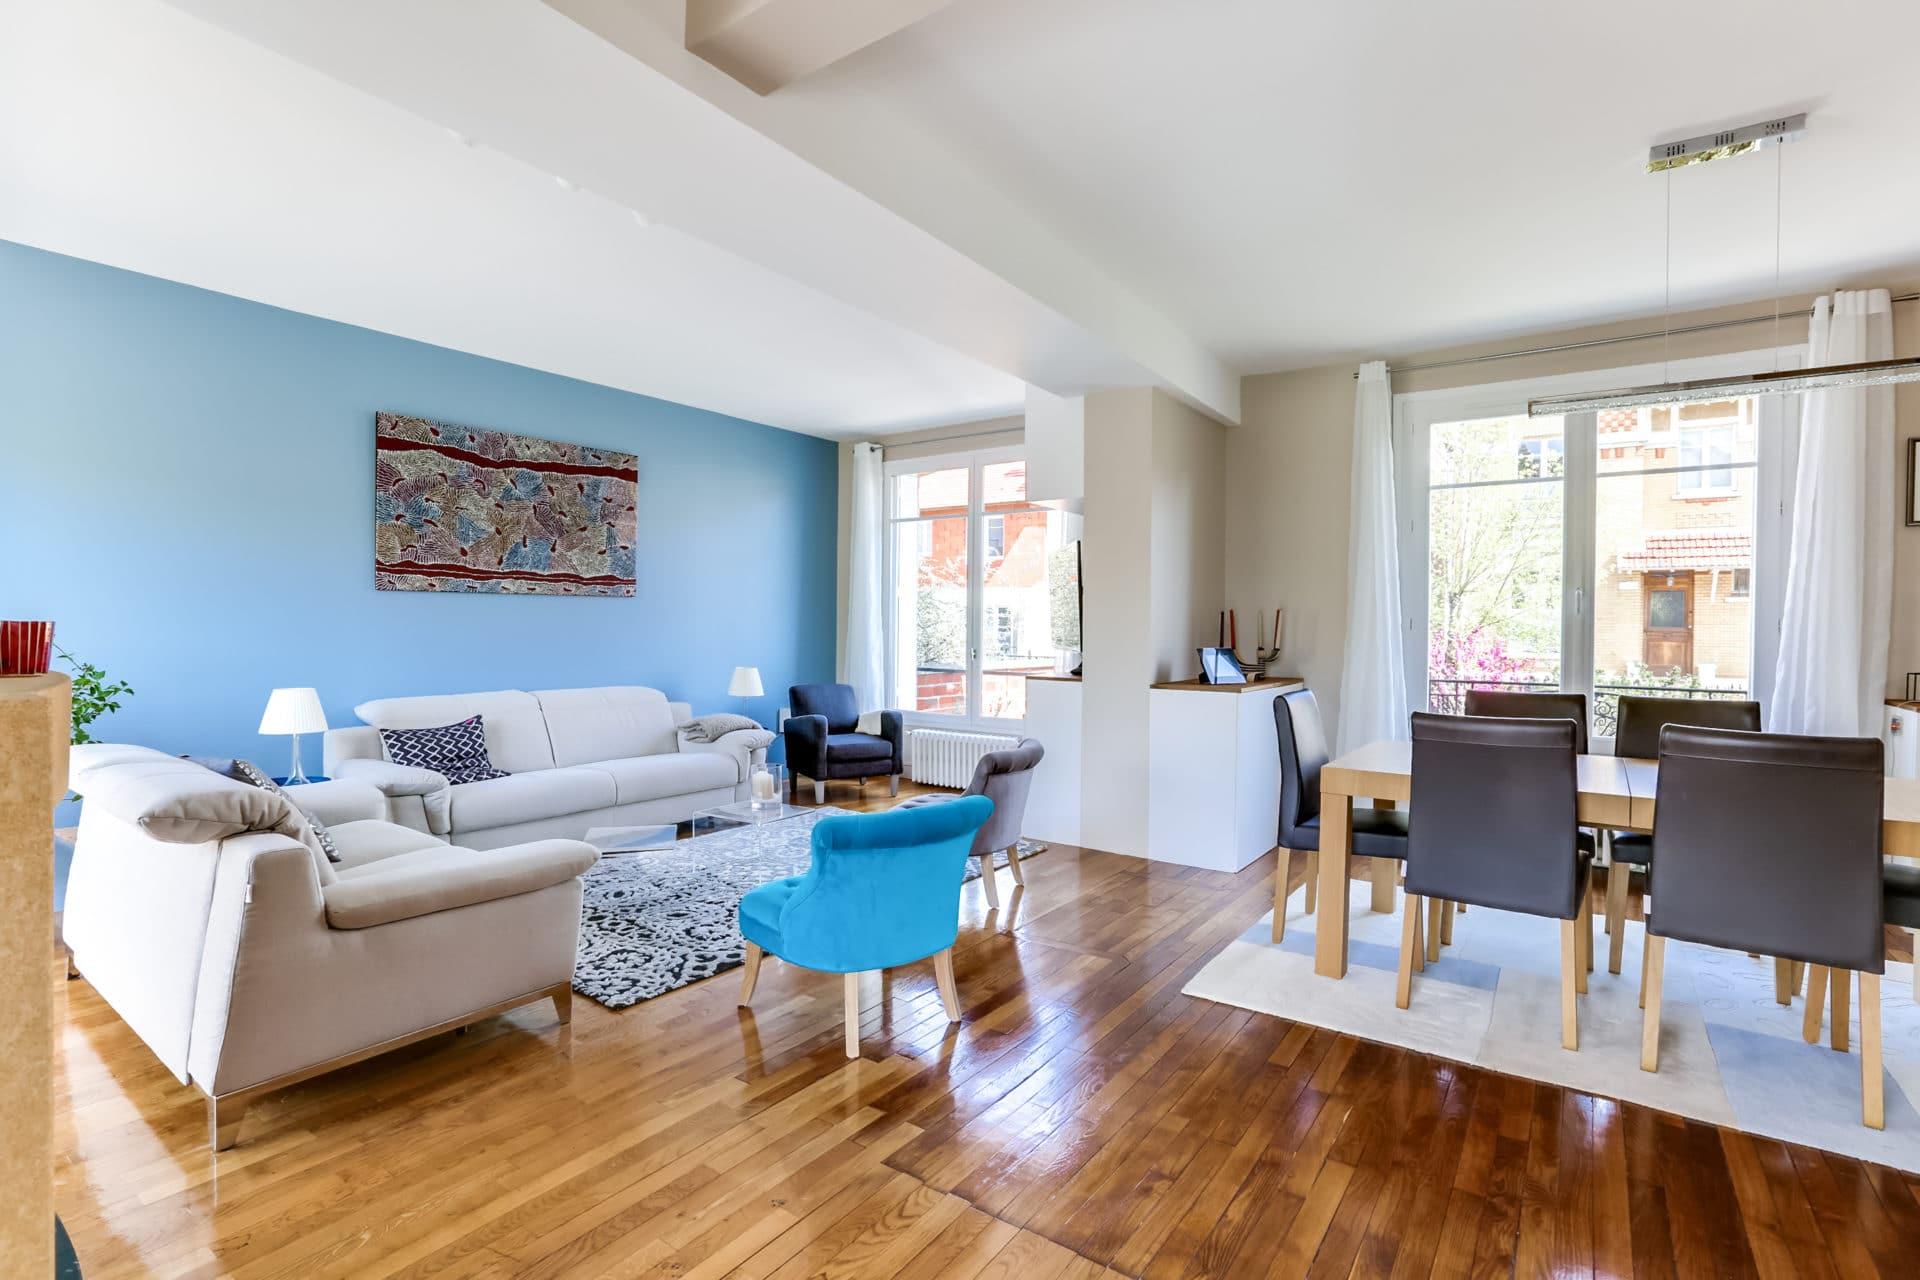 Salon, salle à manger & cuisine | maisons-laffitte (78)